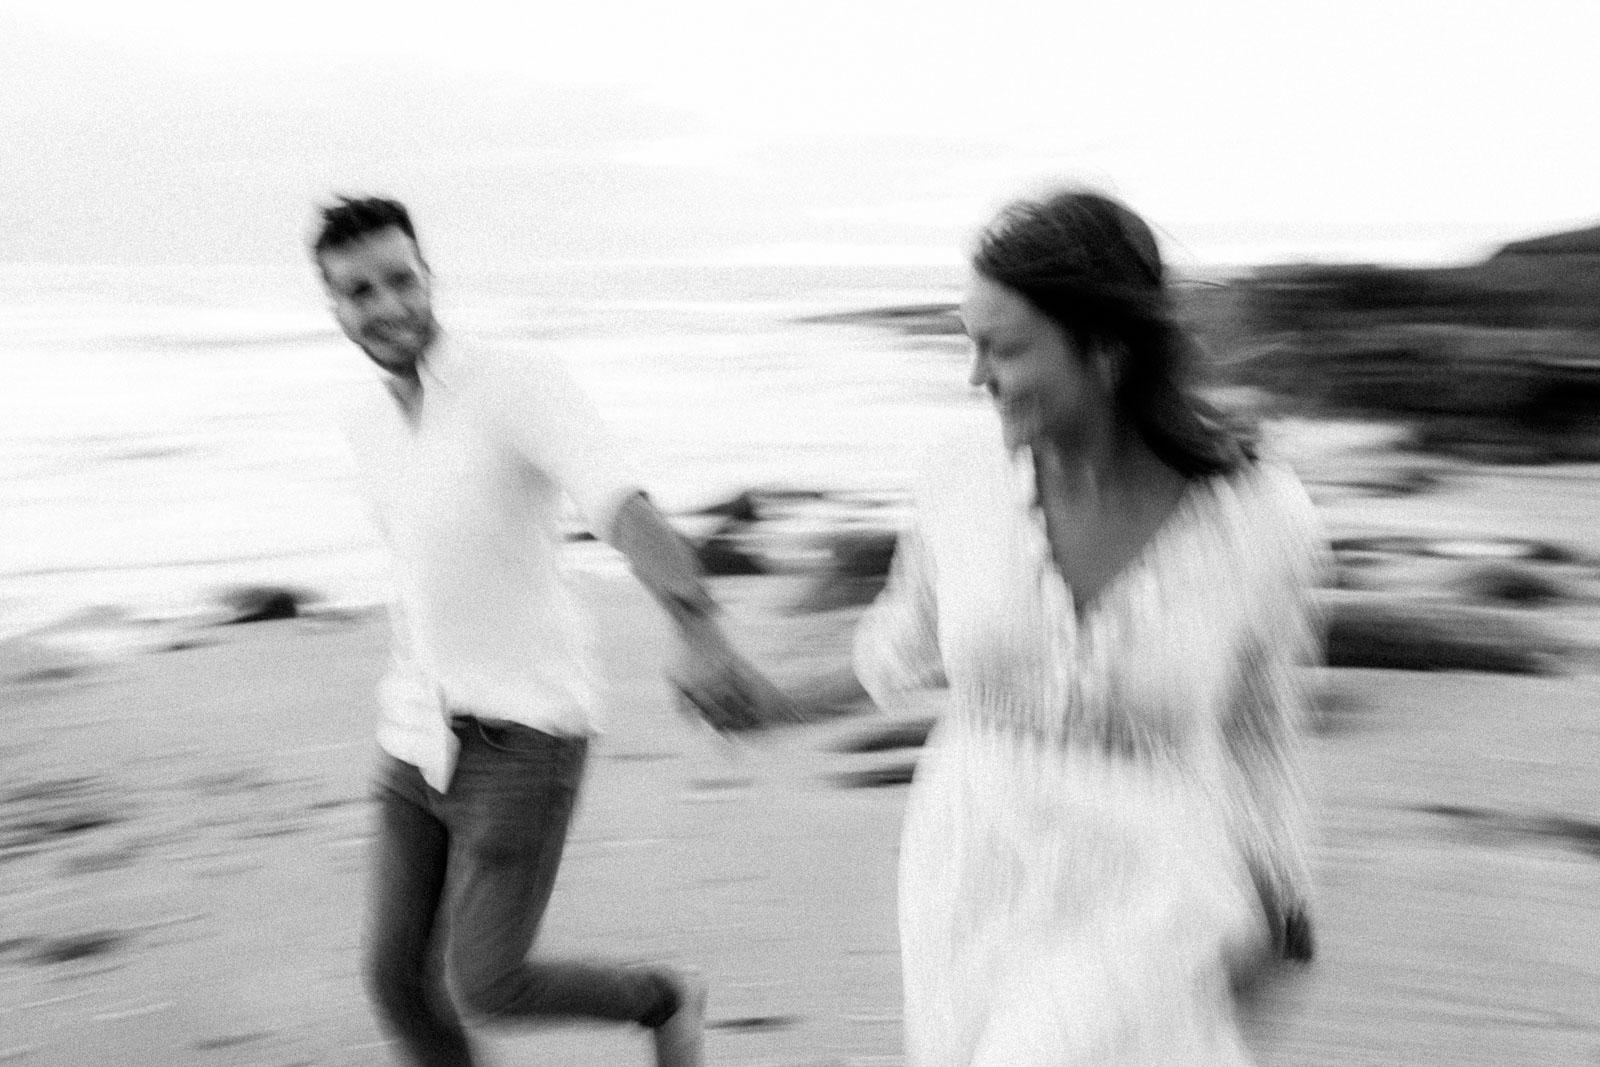 Photographie de Mathieu Dété, photographe de mariage et fiançailles à Saint-Pierre de la Réunion 974, présentant un couple qui court en bord de mer, en noir et blanc